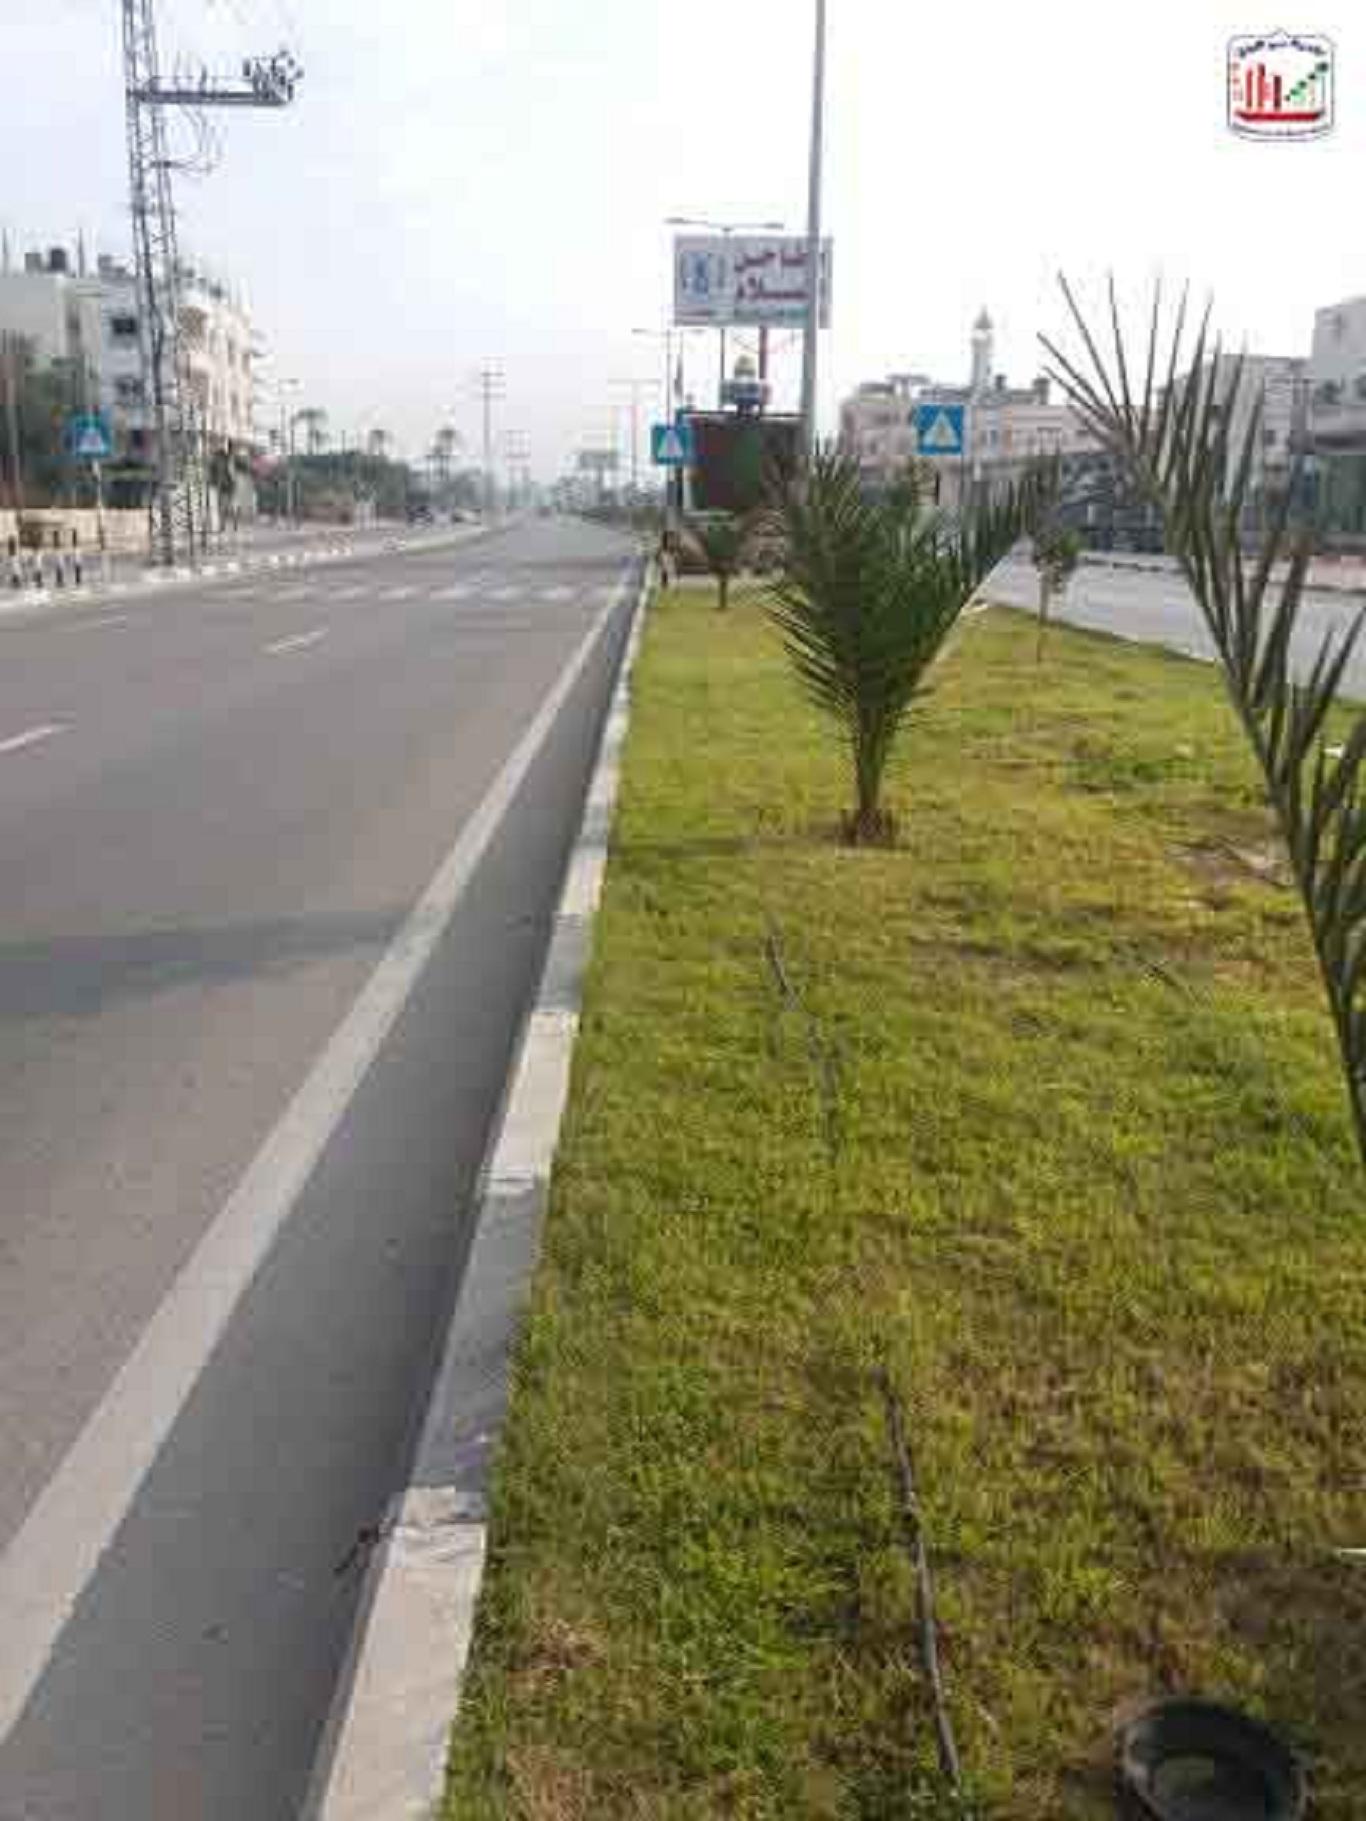 جانب من أعمال تشجير وزراعة وتنظيم مدخل المدينة الشرقي –شارع صلاح الدين